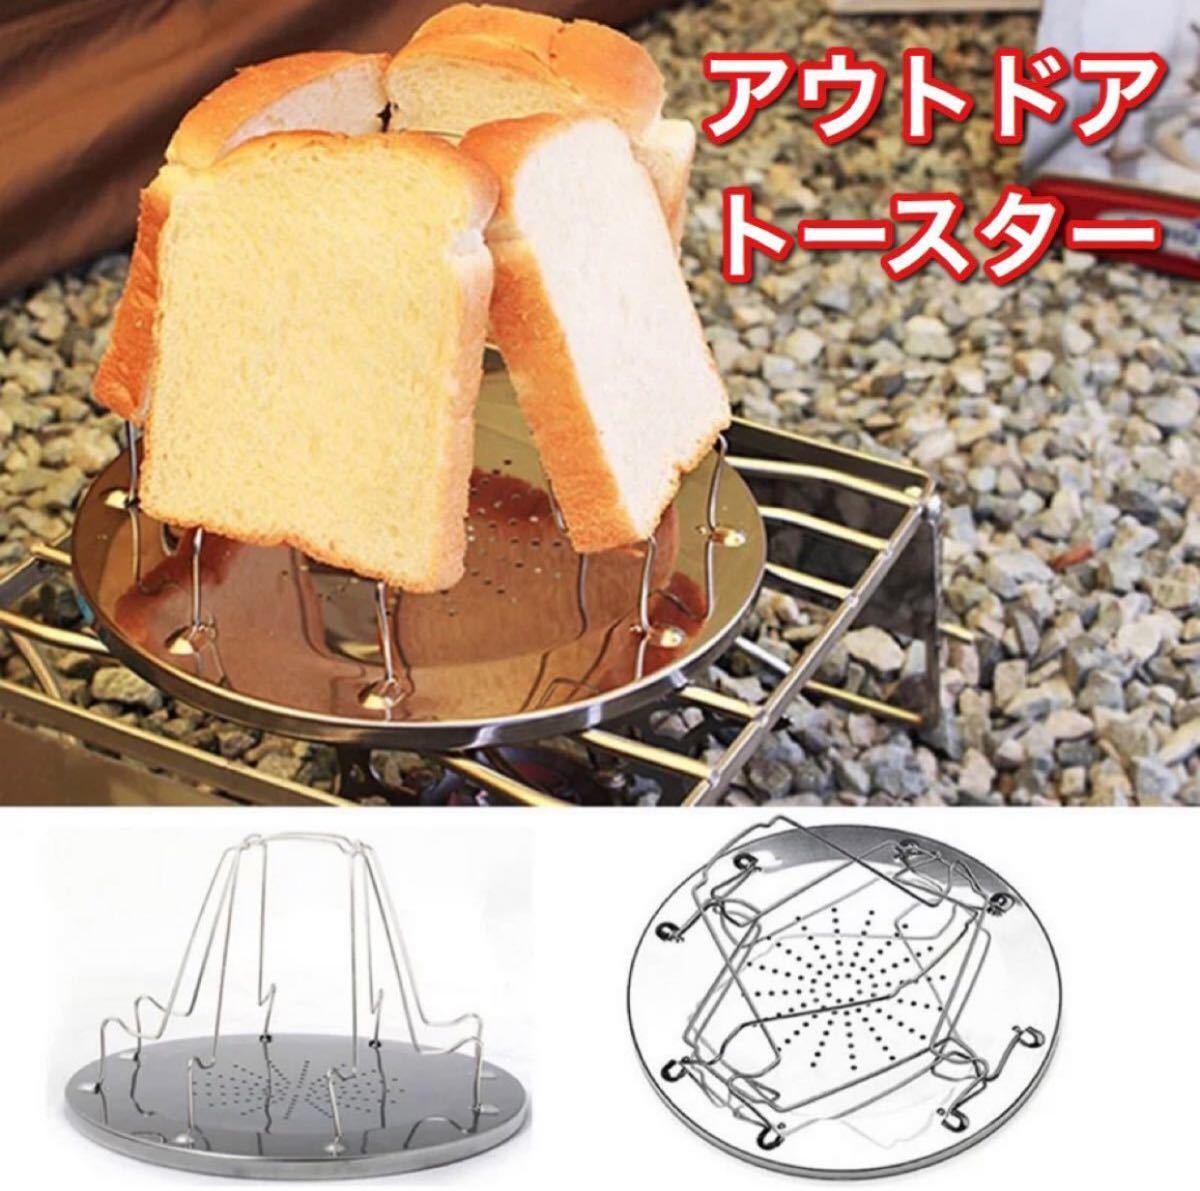 ☆新品・未使用☆ アウトドア トースター